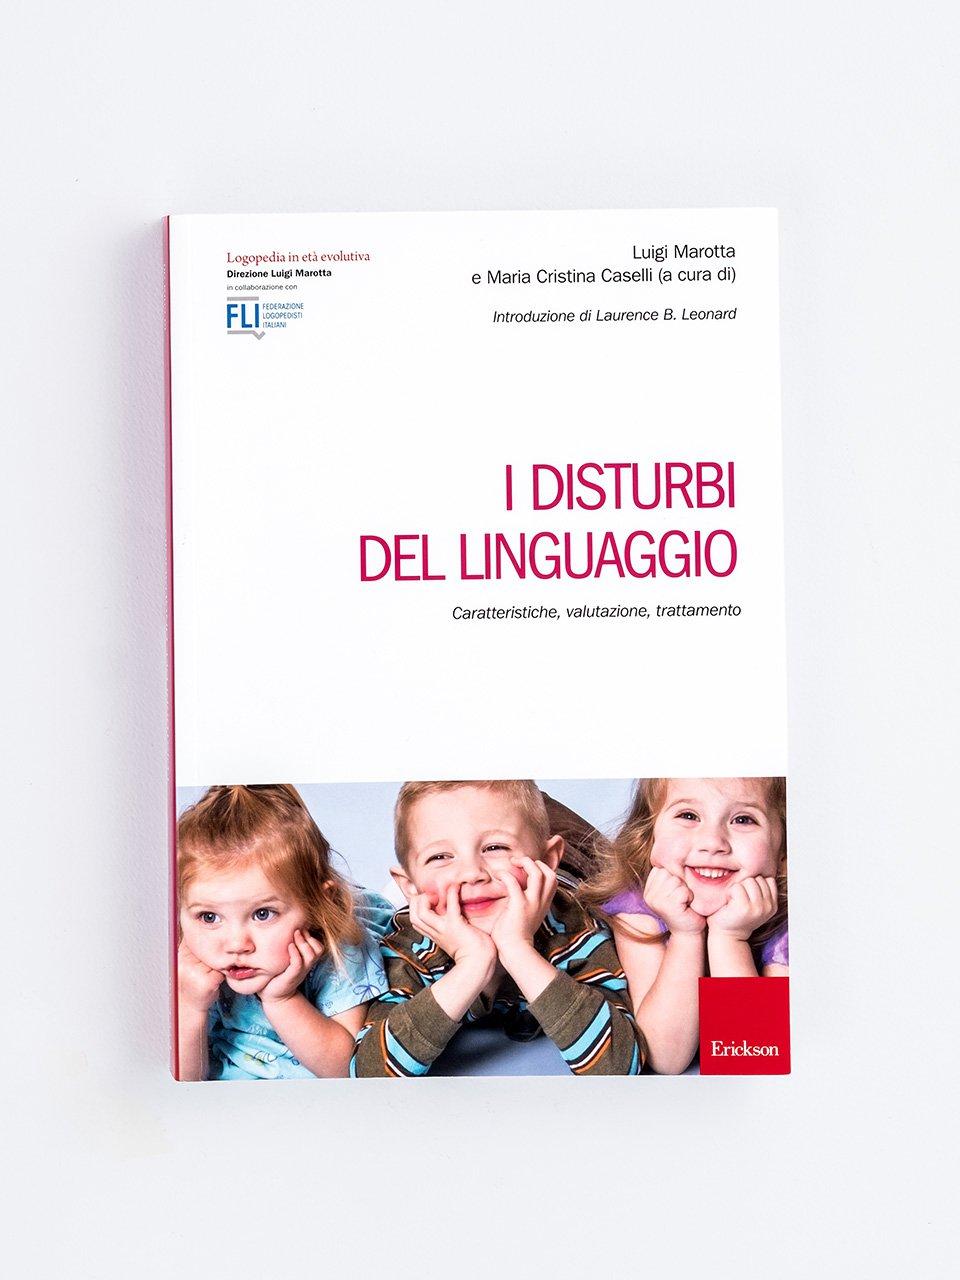 I disturbi del linguaggio - Il linguaggio simbolico in psicomotricità relazion - Libri - Erickson